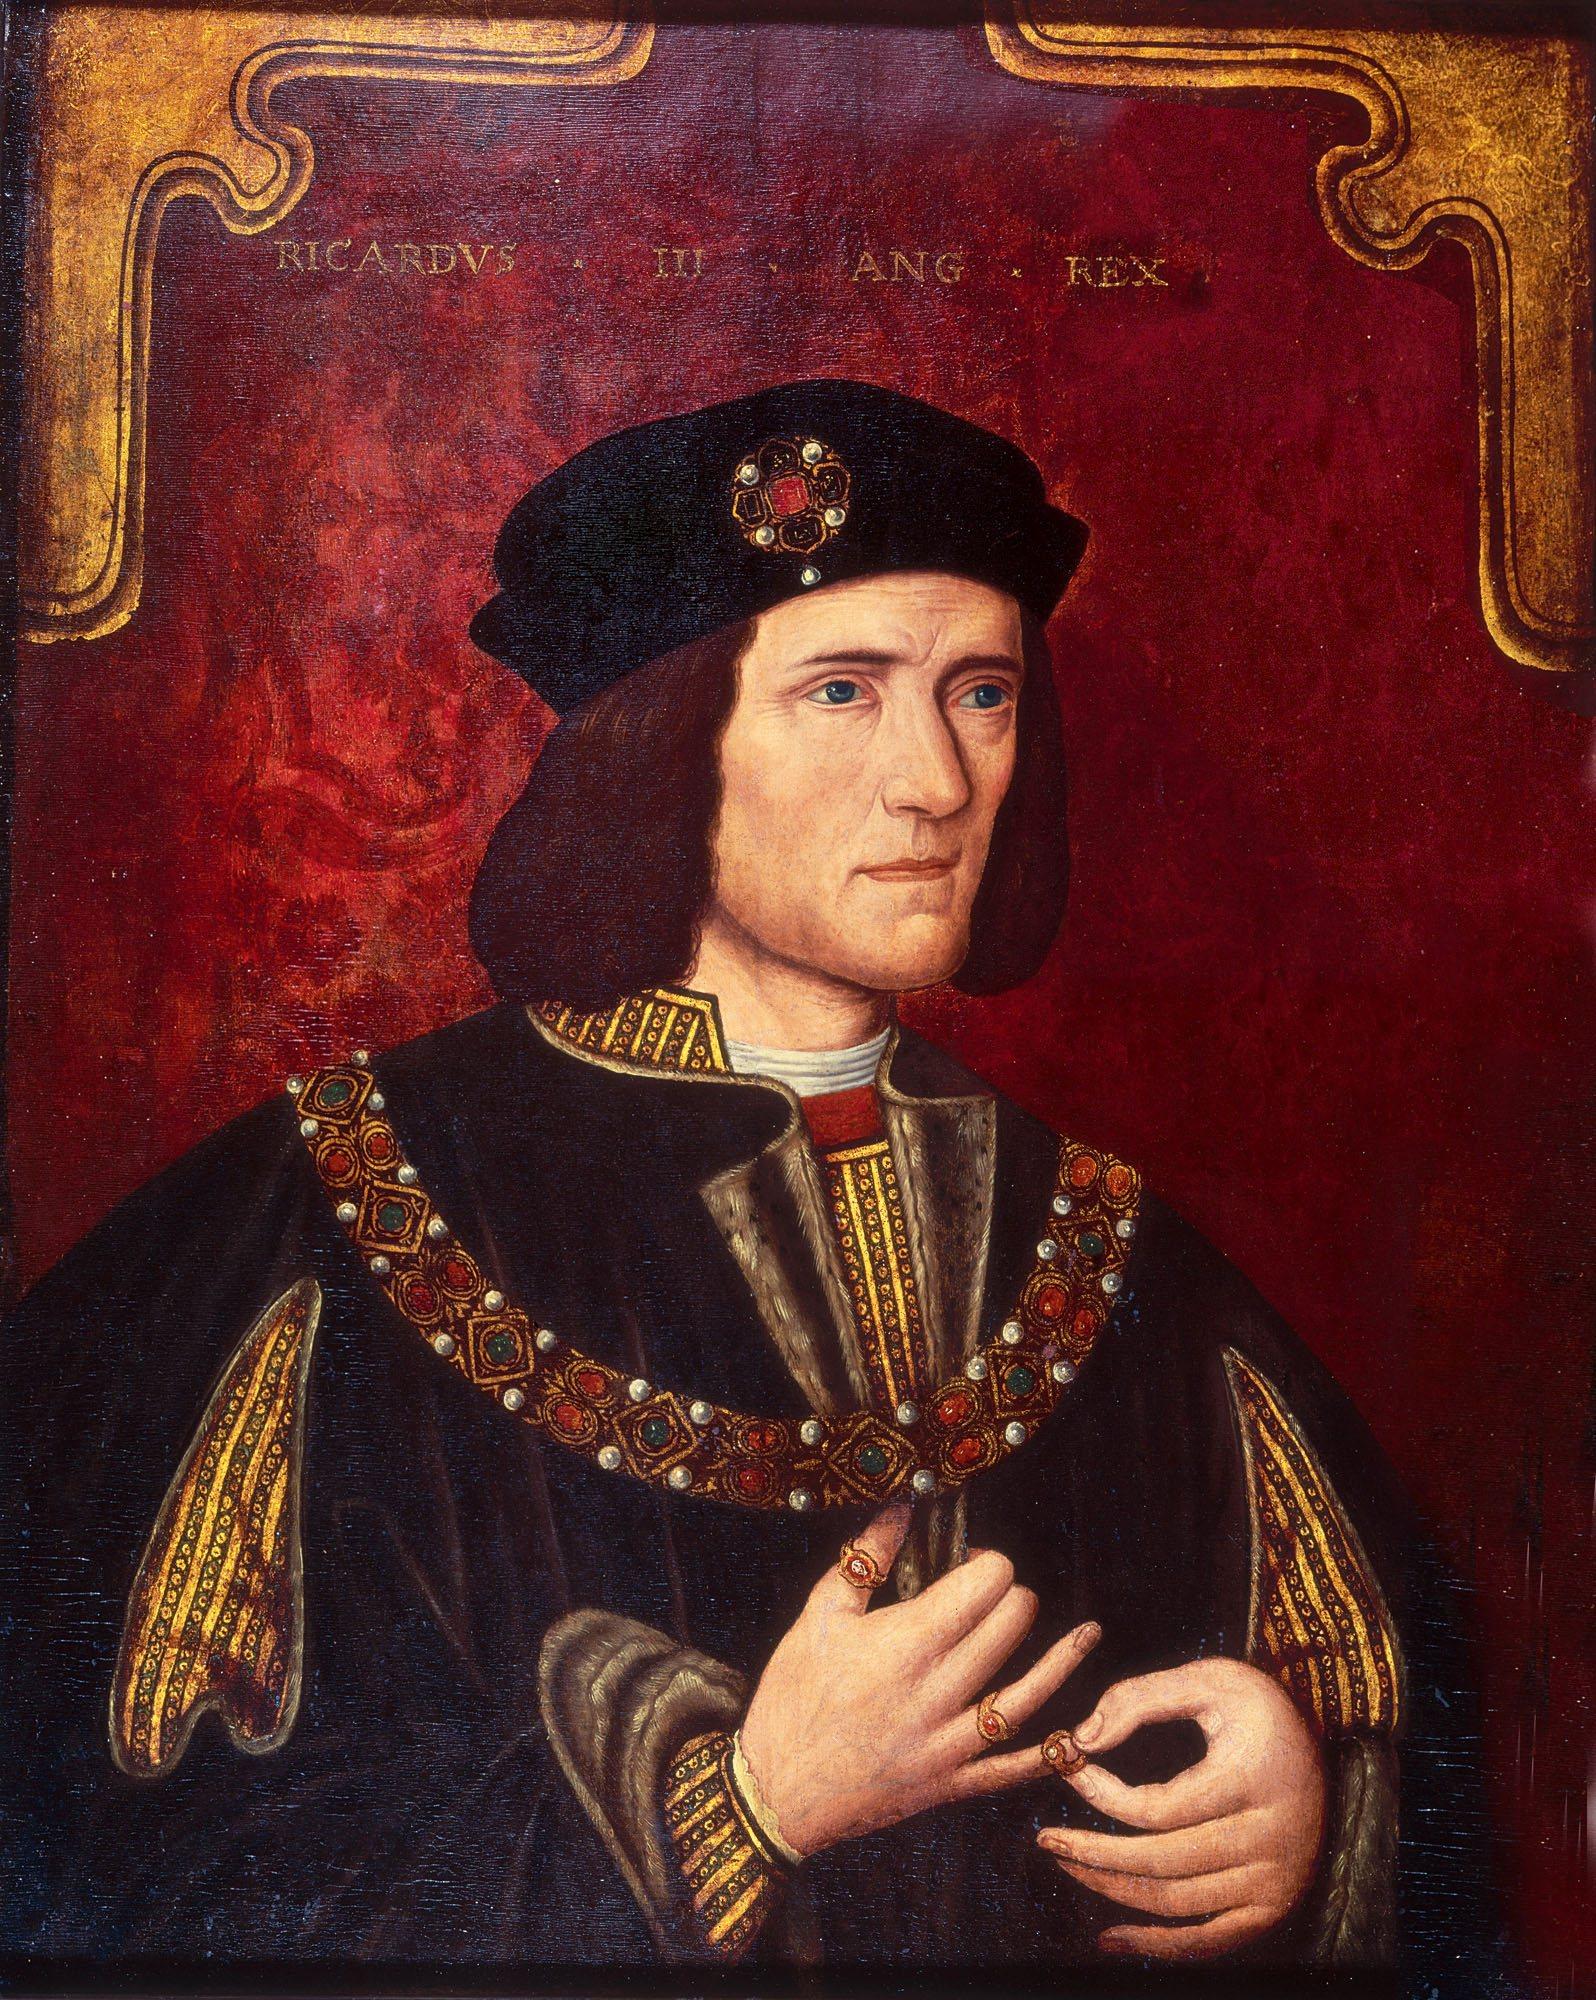 Ricardo III, un tirano en el trono de Inglaterra